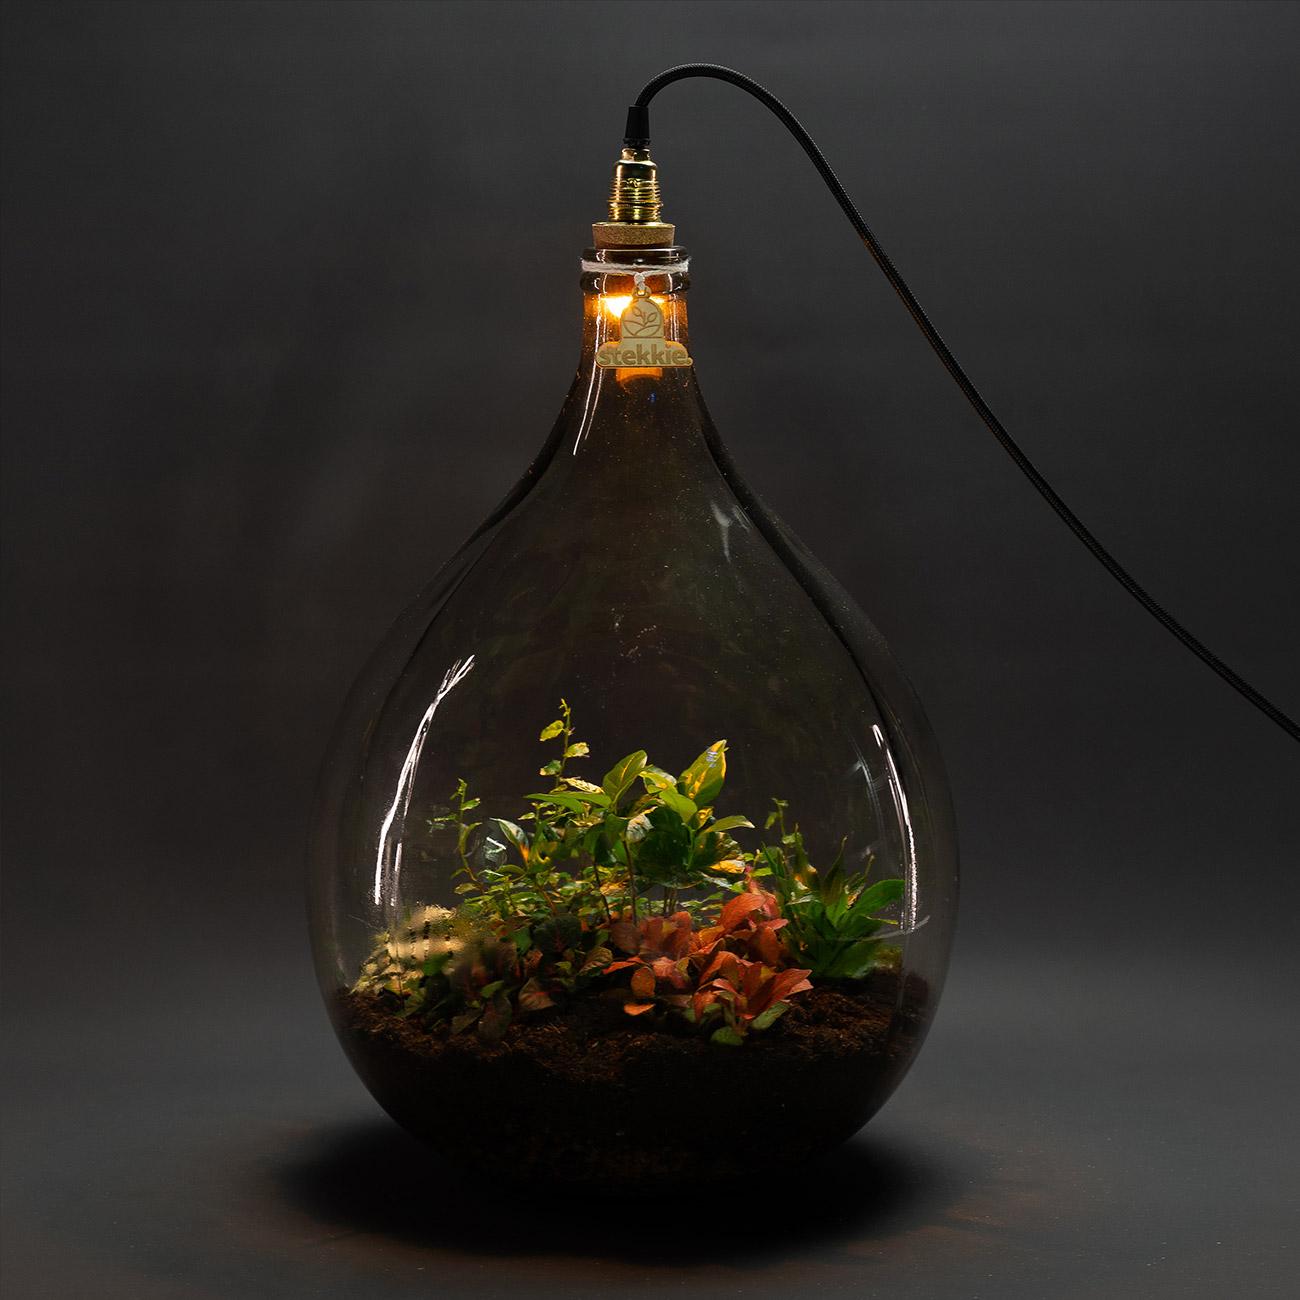 Stekkie Large mini-ecosysteem met lamp in het donker